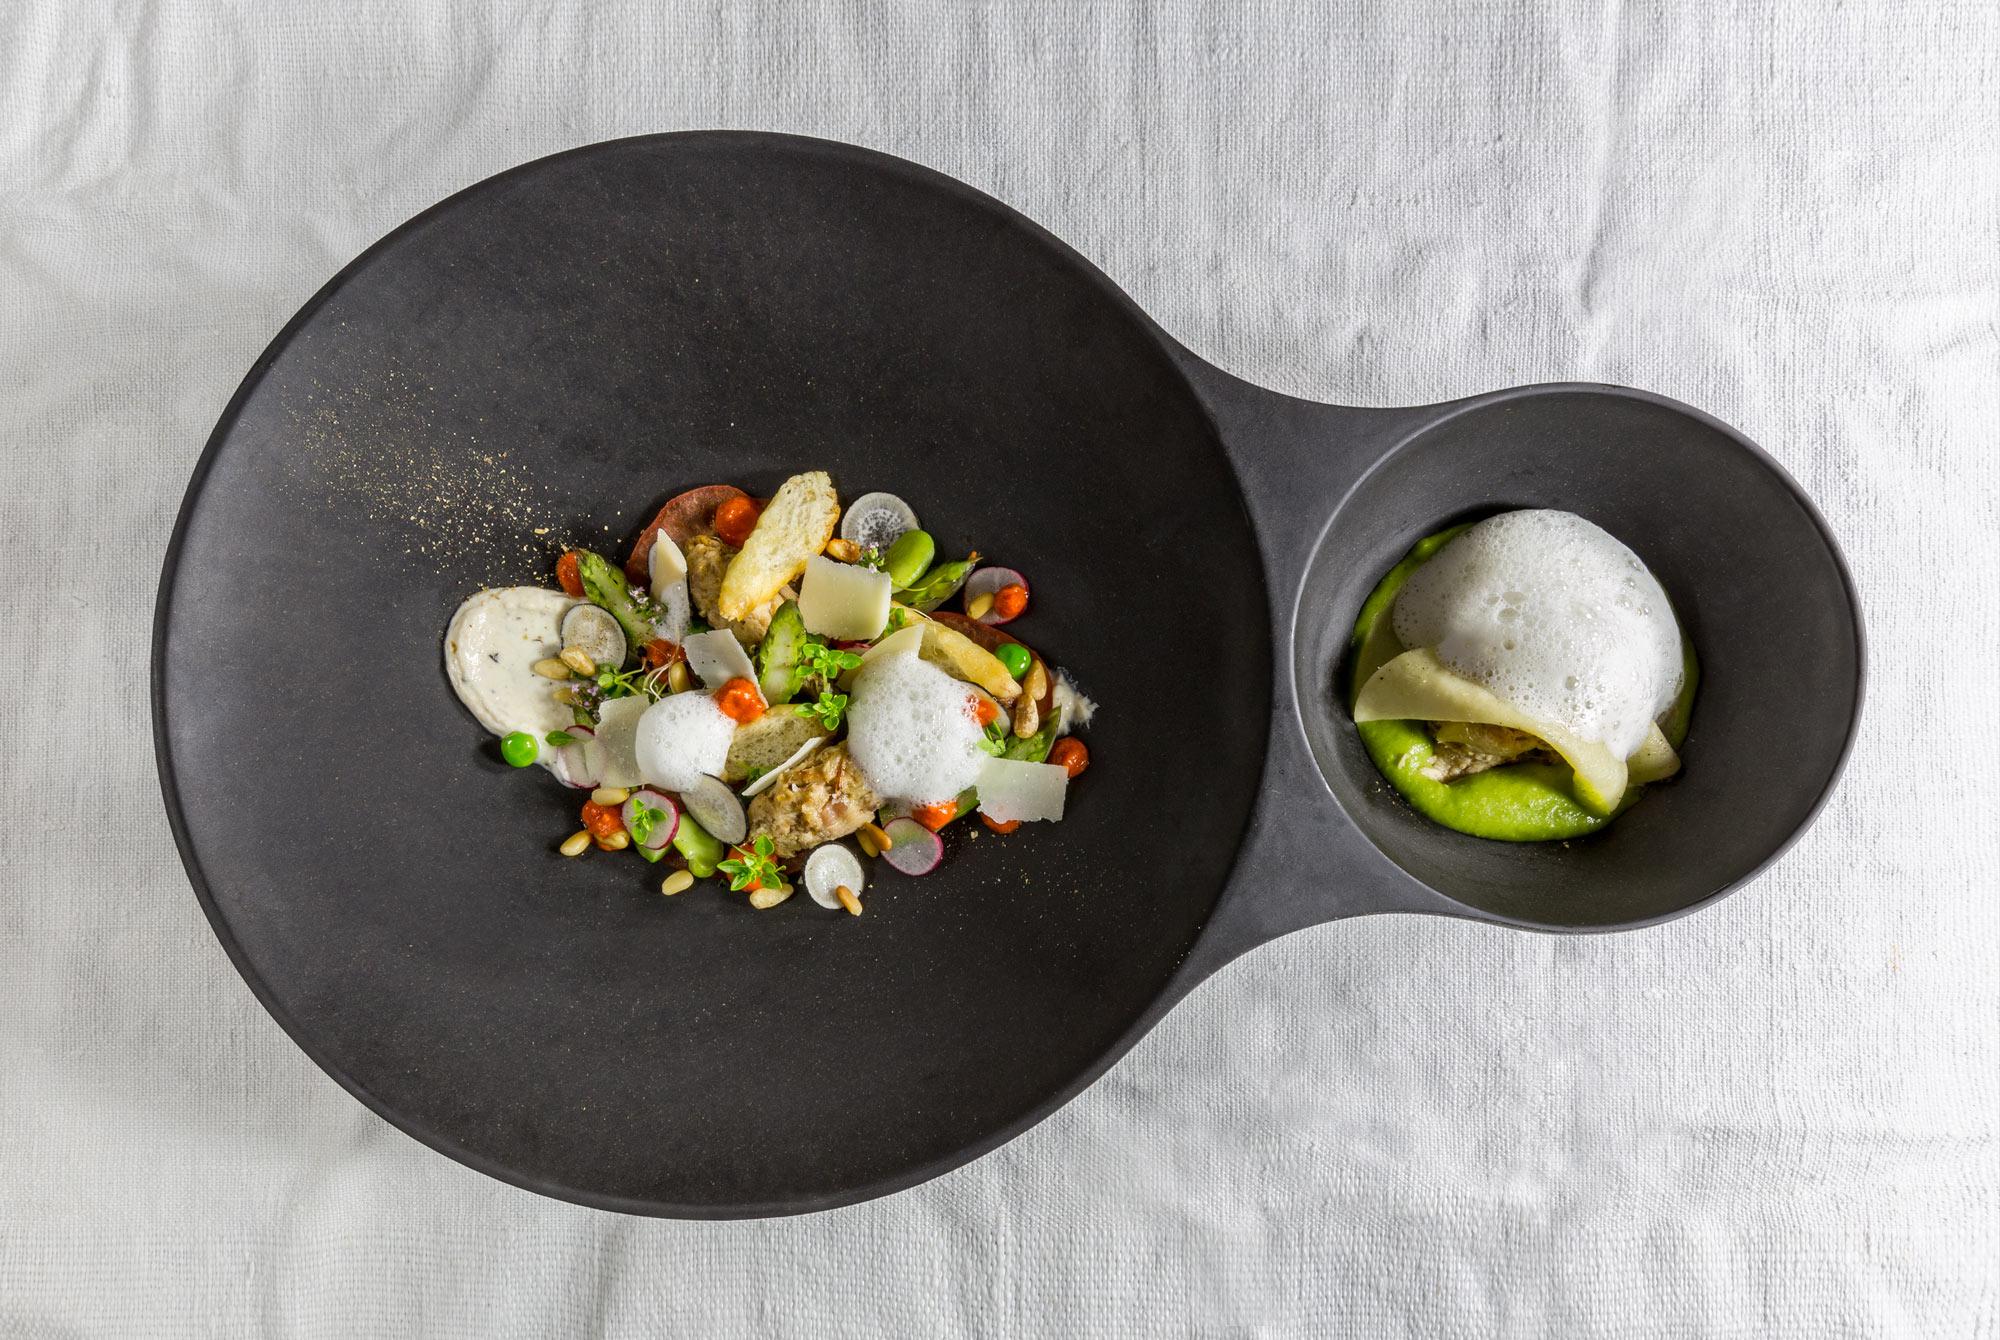 Vincent boutin photographe designer graphique - Concours cuisine amateur ...